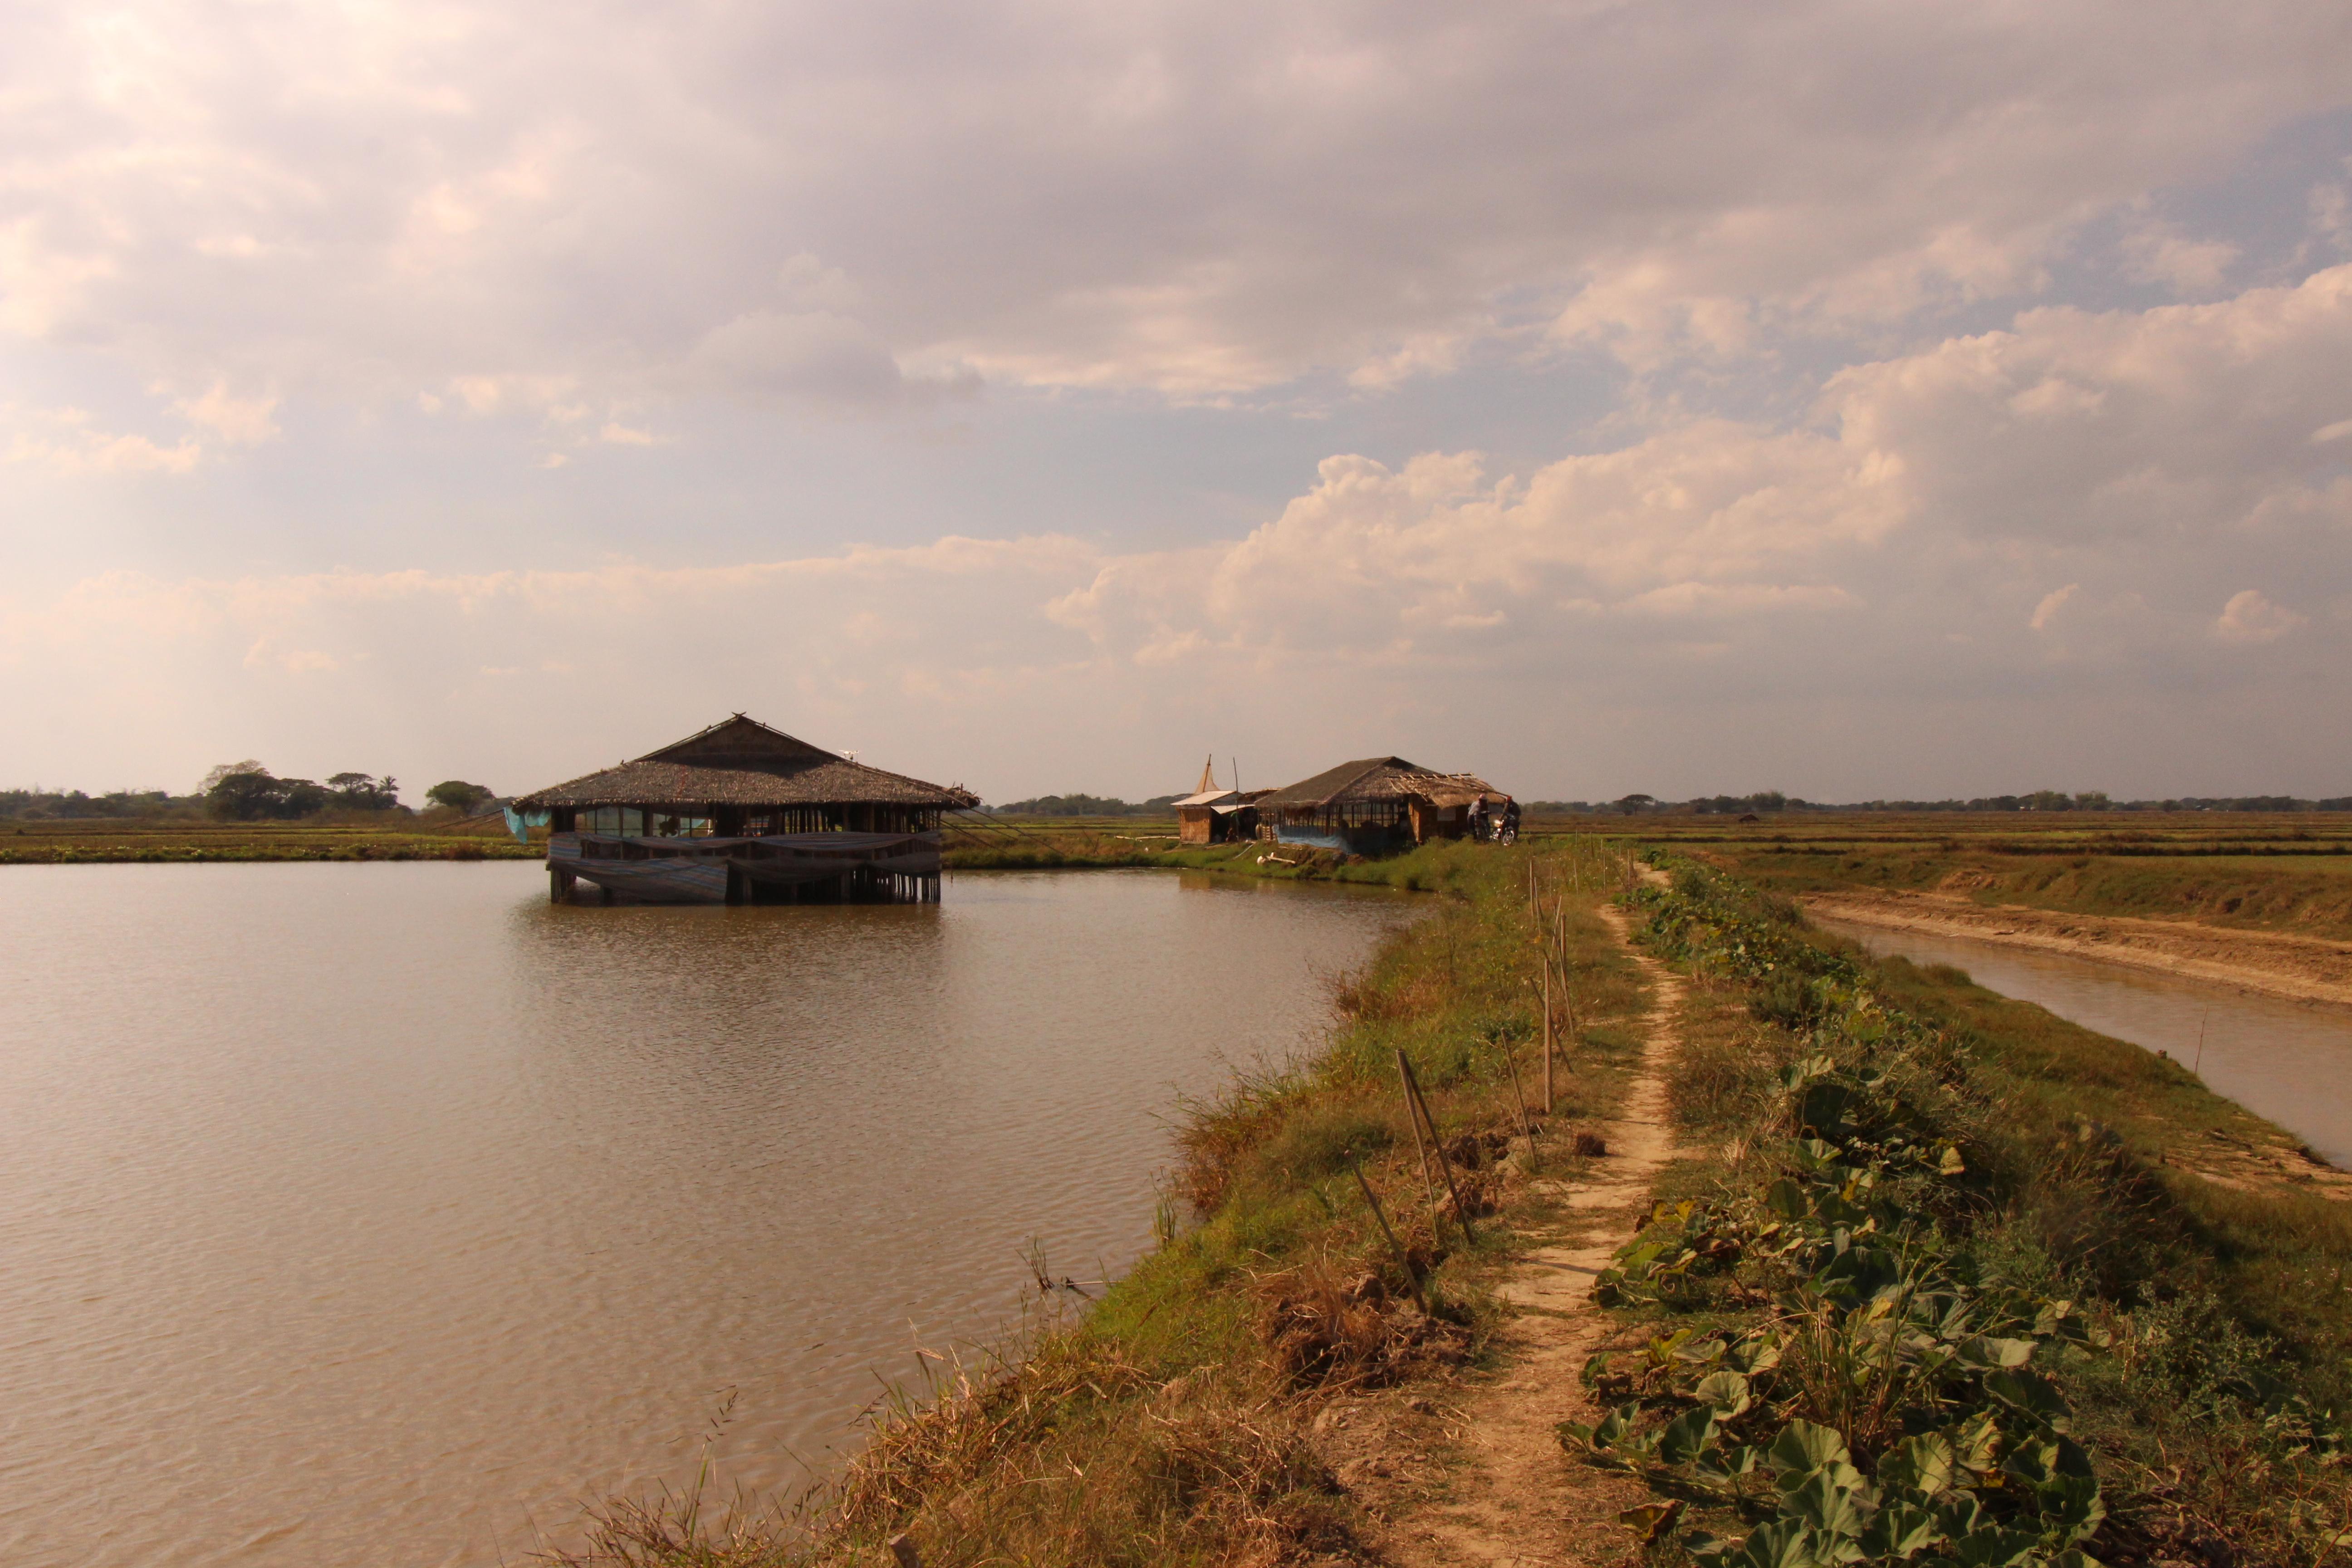 မြေလွတ်၊ မြေလပ်နှင့် မြေရိုင်းများအား လုပ်ထုံးလုပ်နည်းများနှင့်အညီ အချိန်မှီ လျှောက်ထားကြရန် တိုက်တွန်